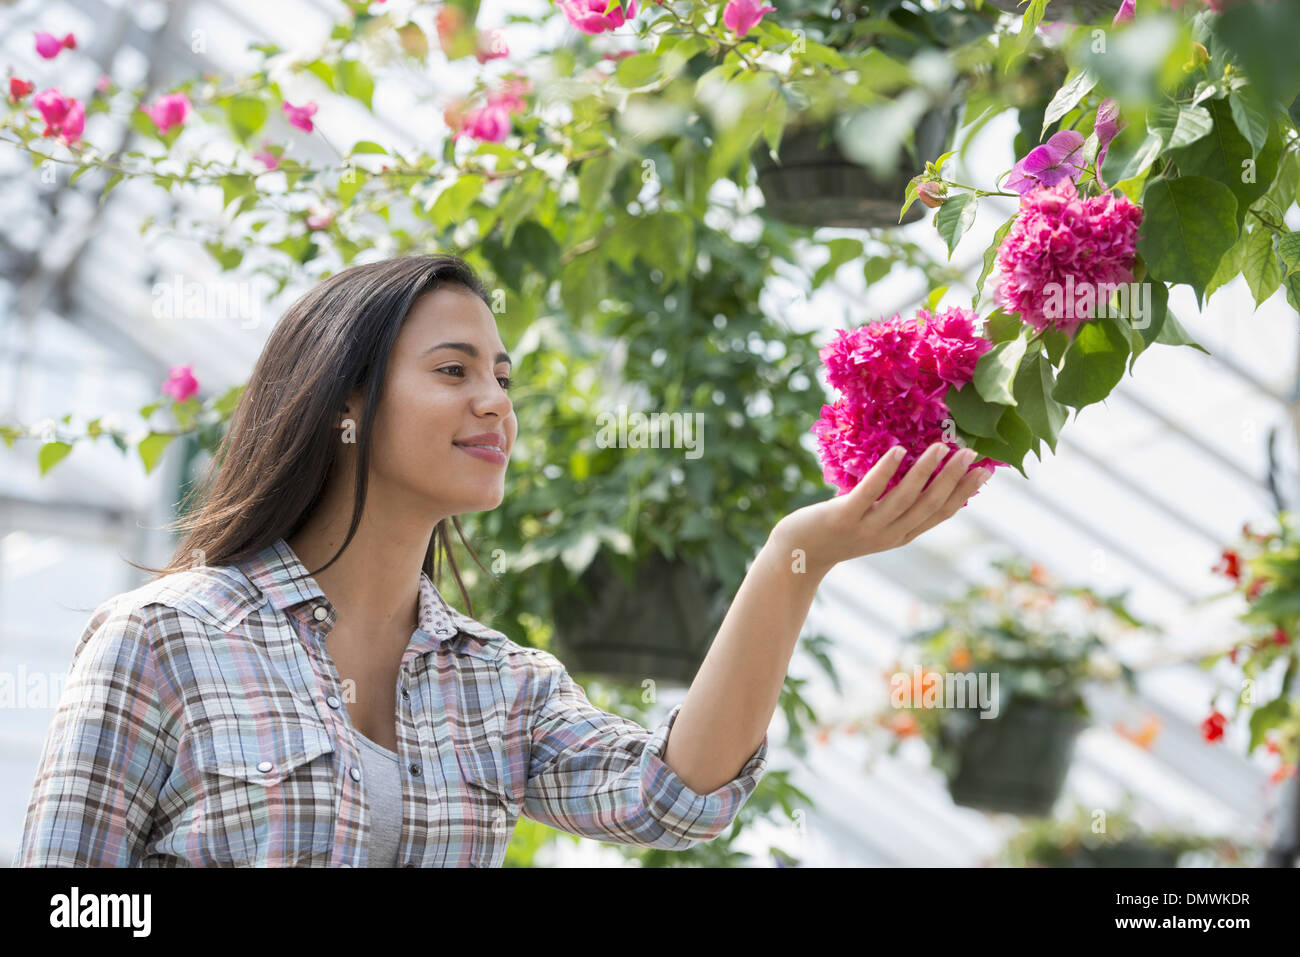 Una donna in un vivaio organico serra. Immagini Stock